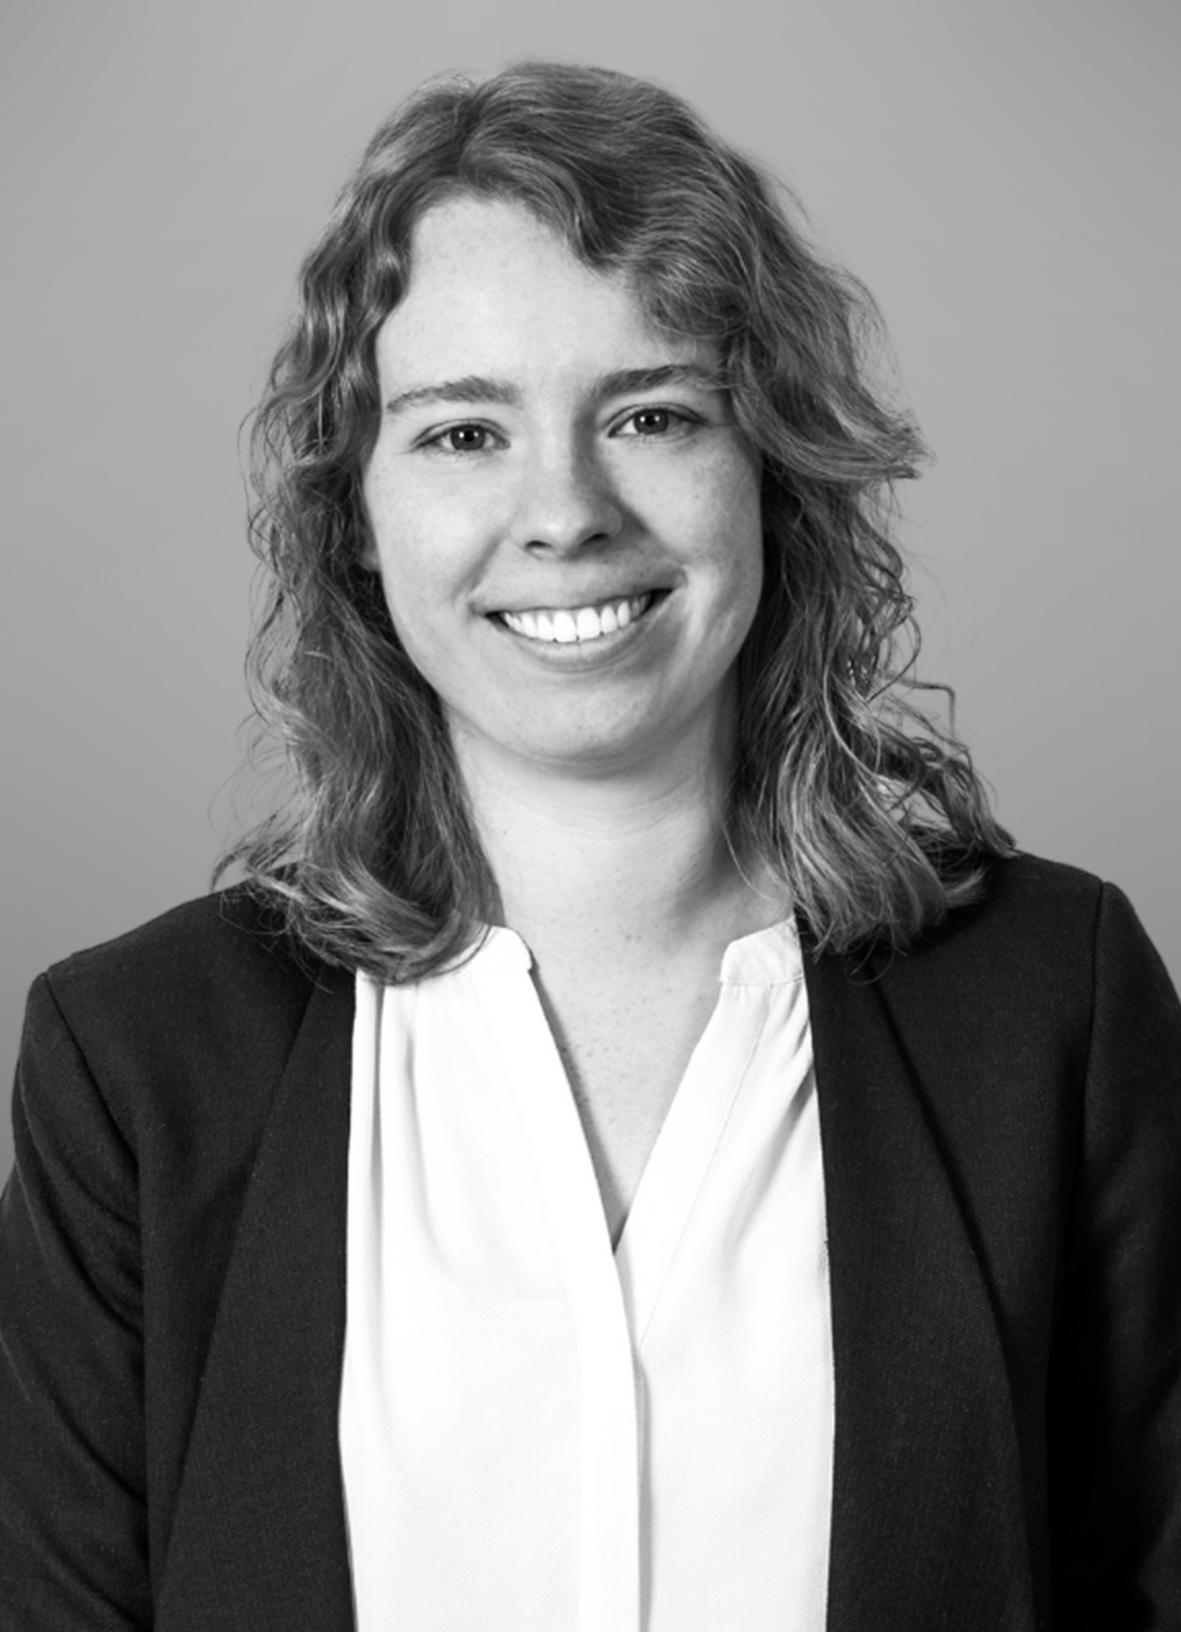 Theresa Zopke